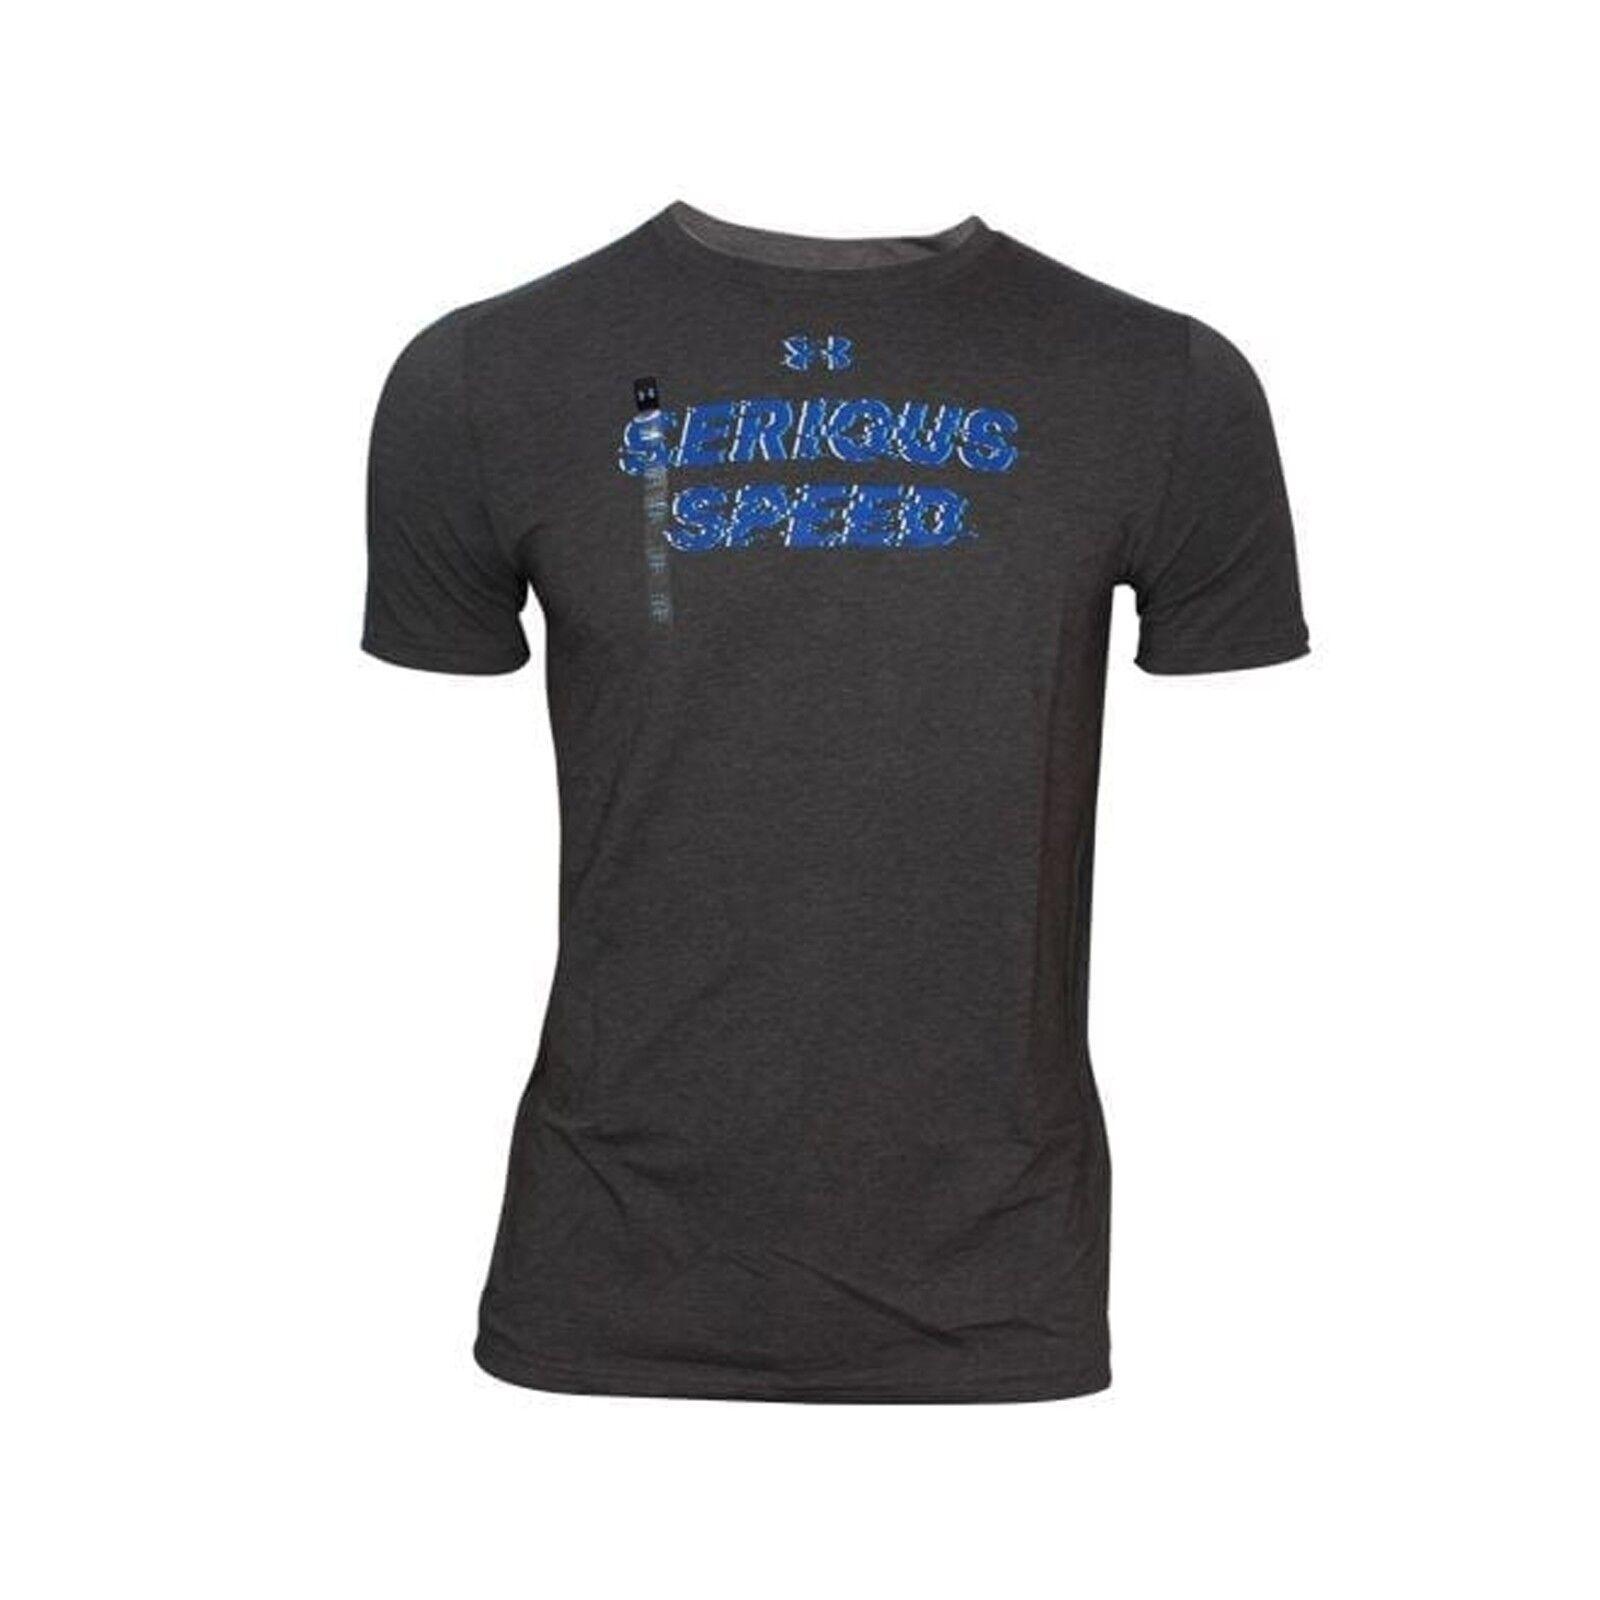 Under Armour Heat Gear Boy/'s Short Sleeve T-Shirt